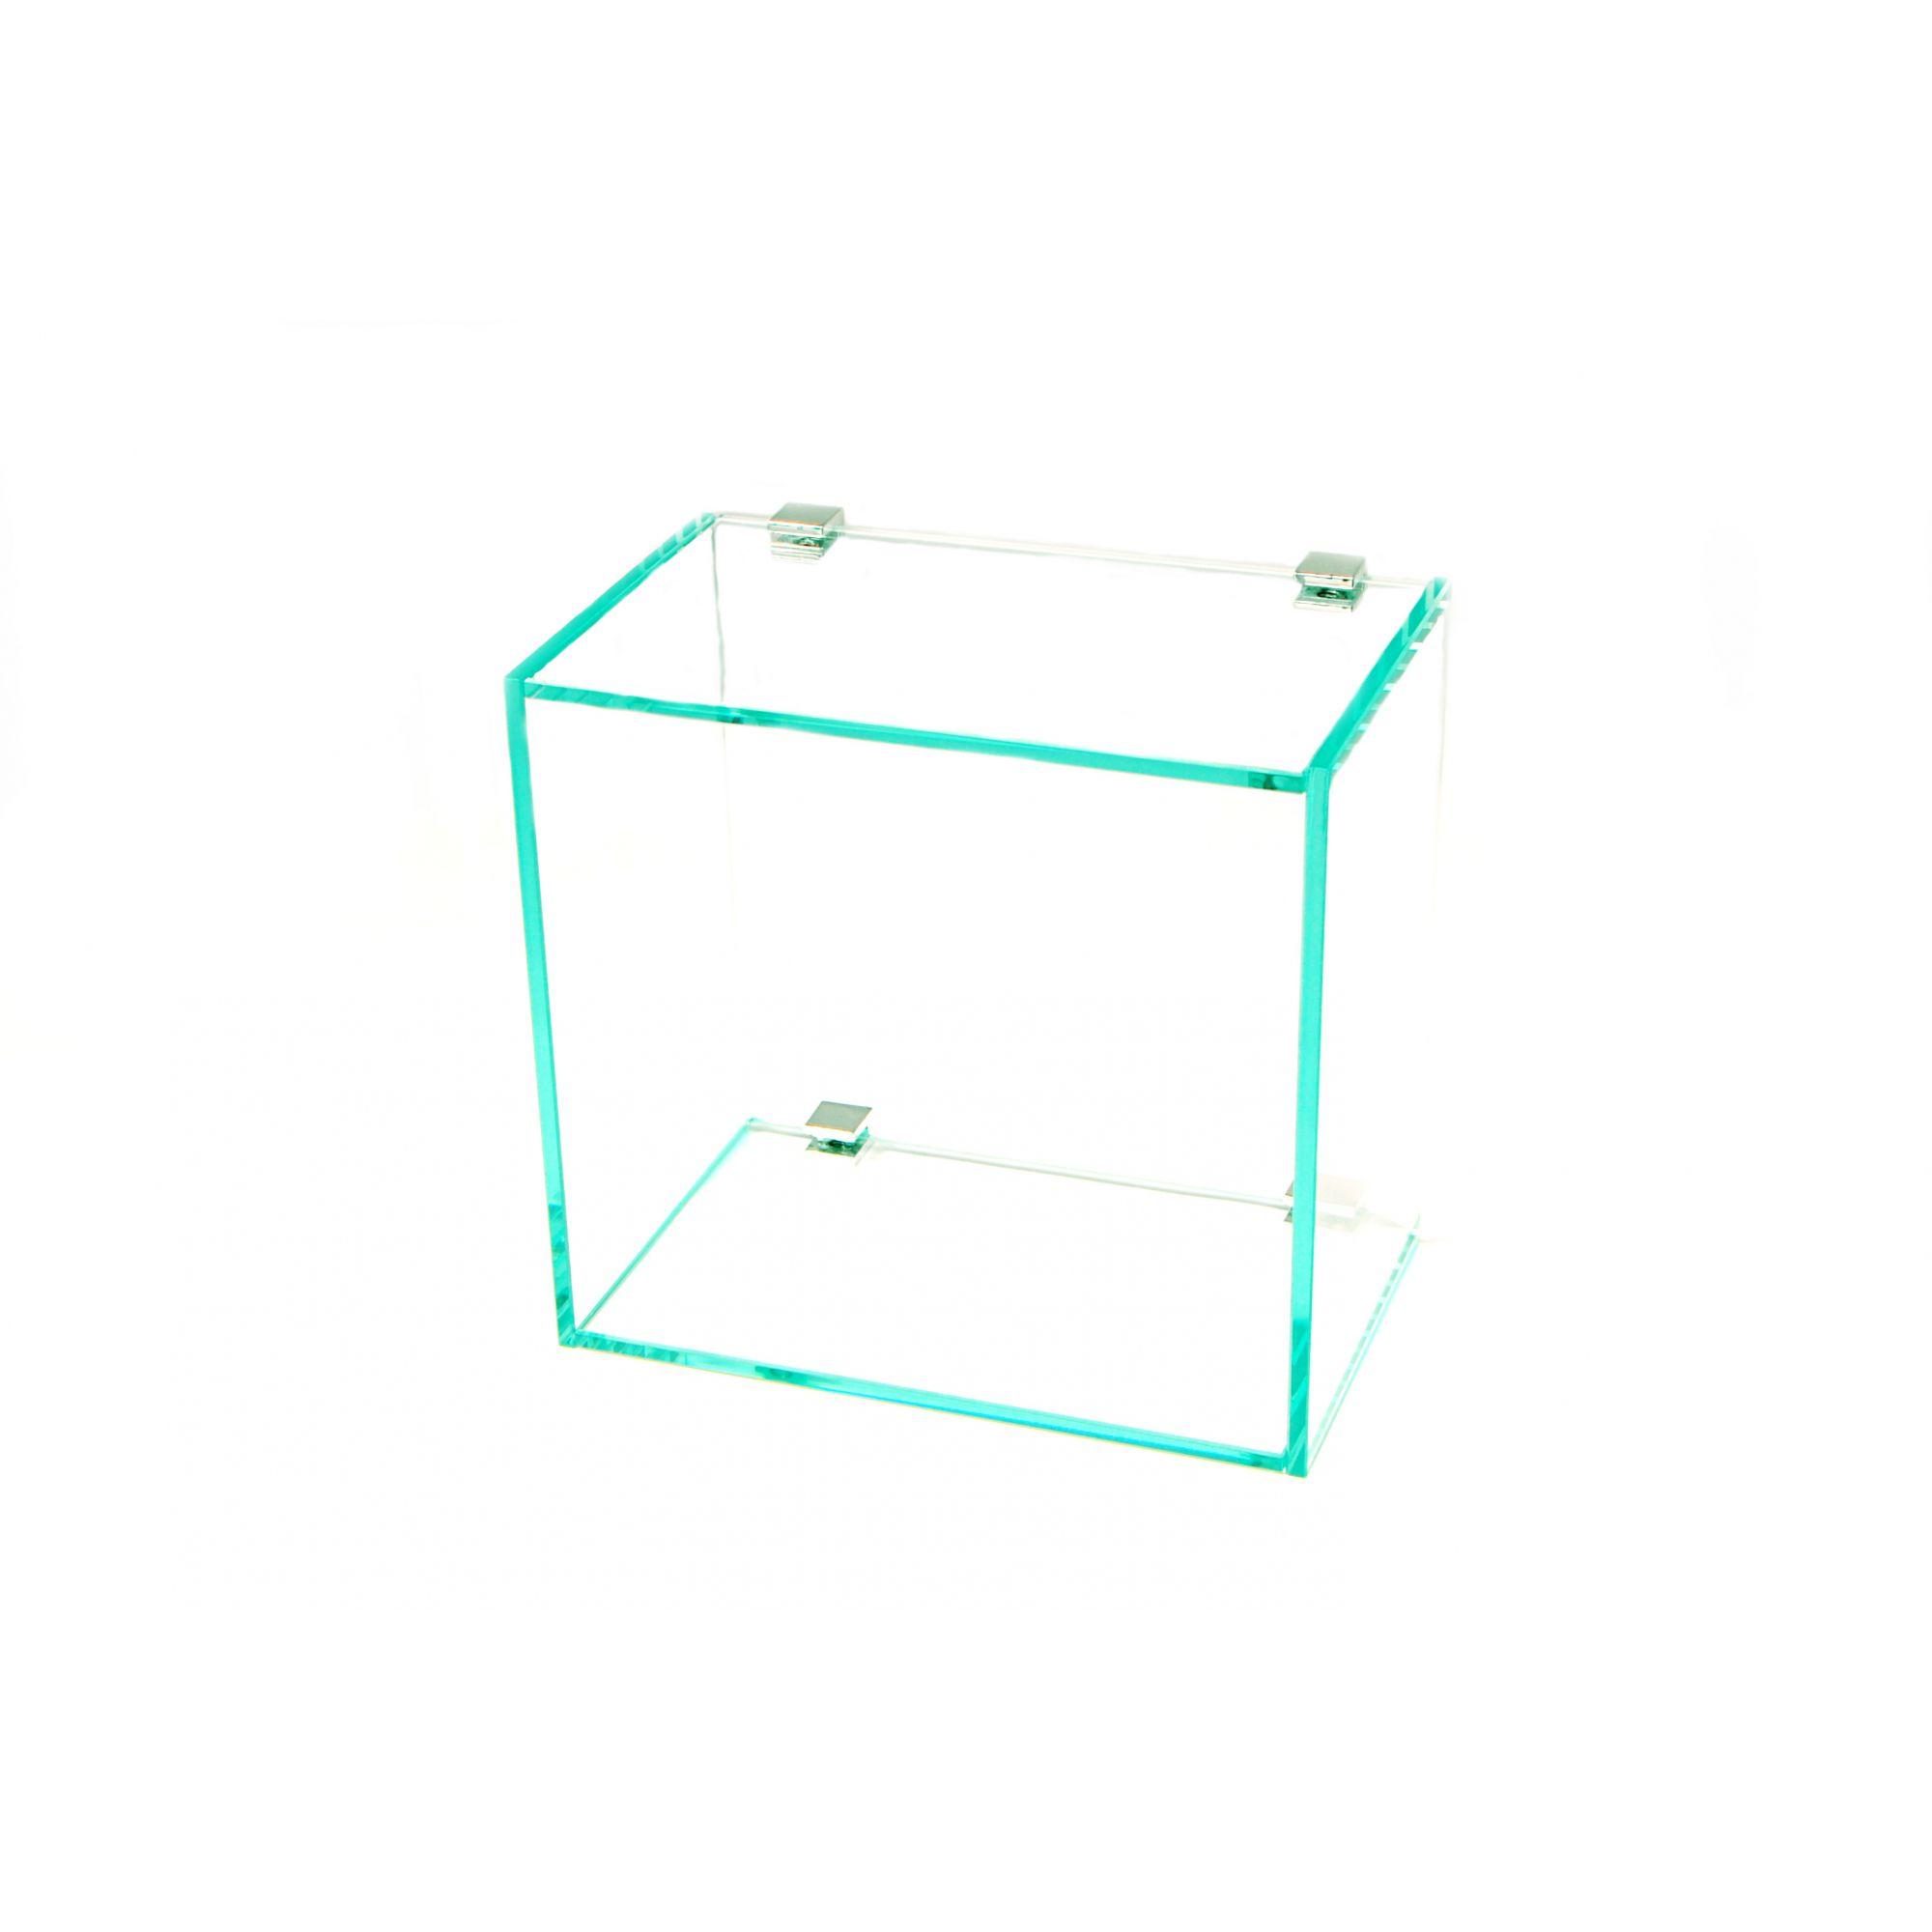 Nicho em Vidro Incolor 6mm com Suportes Quadrado - Aquabox  - 20cmx20cmx12cm